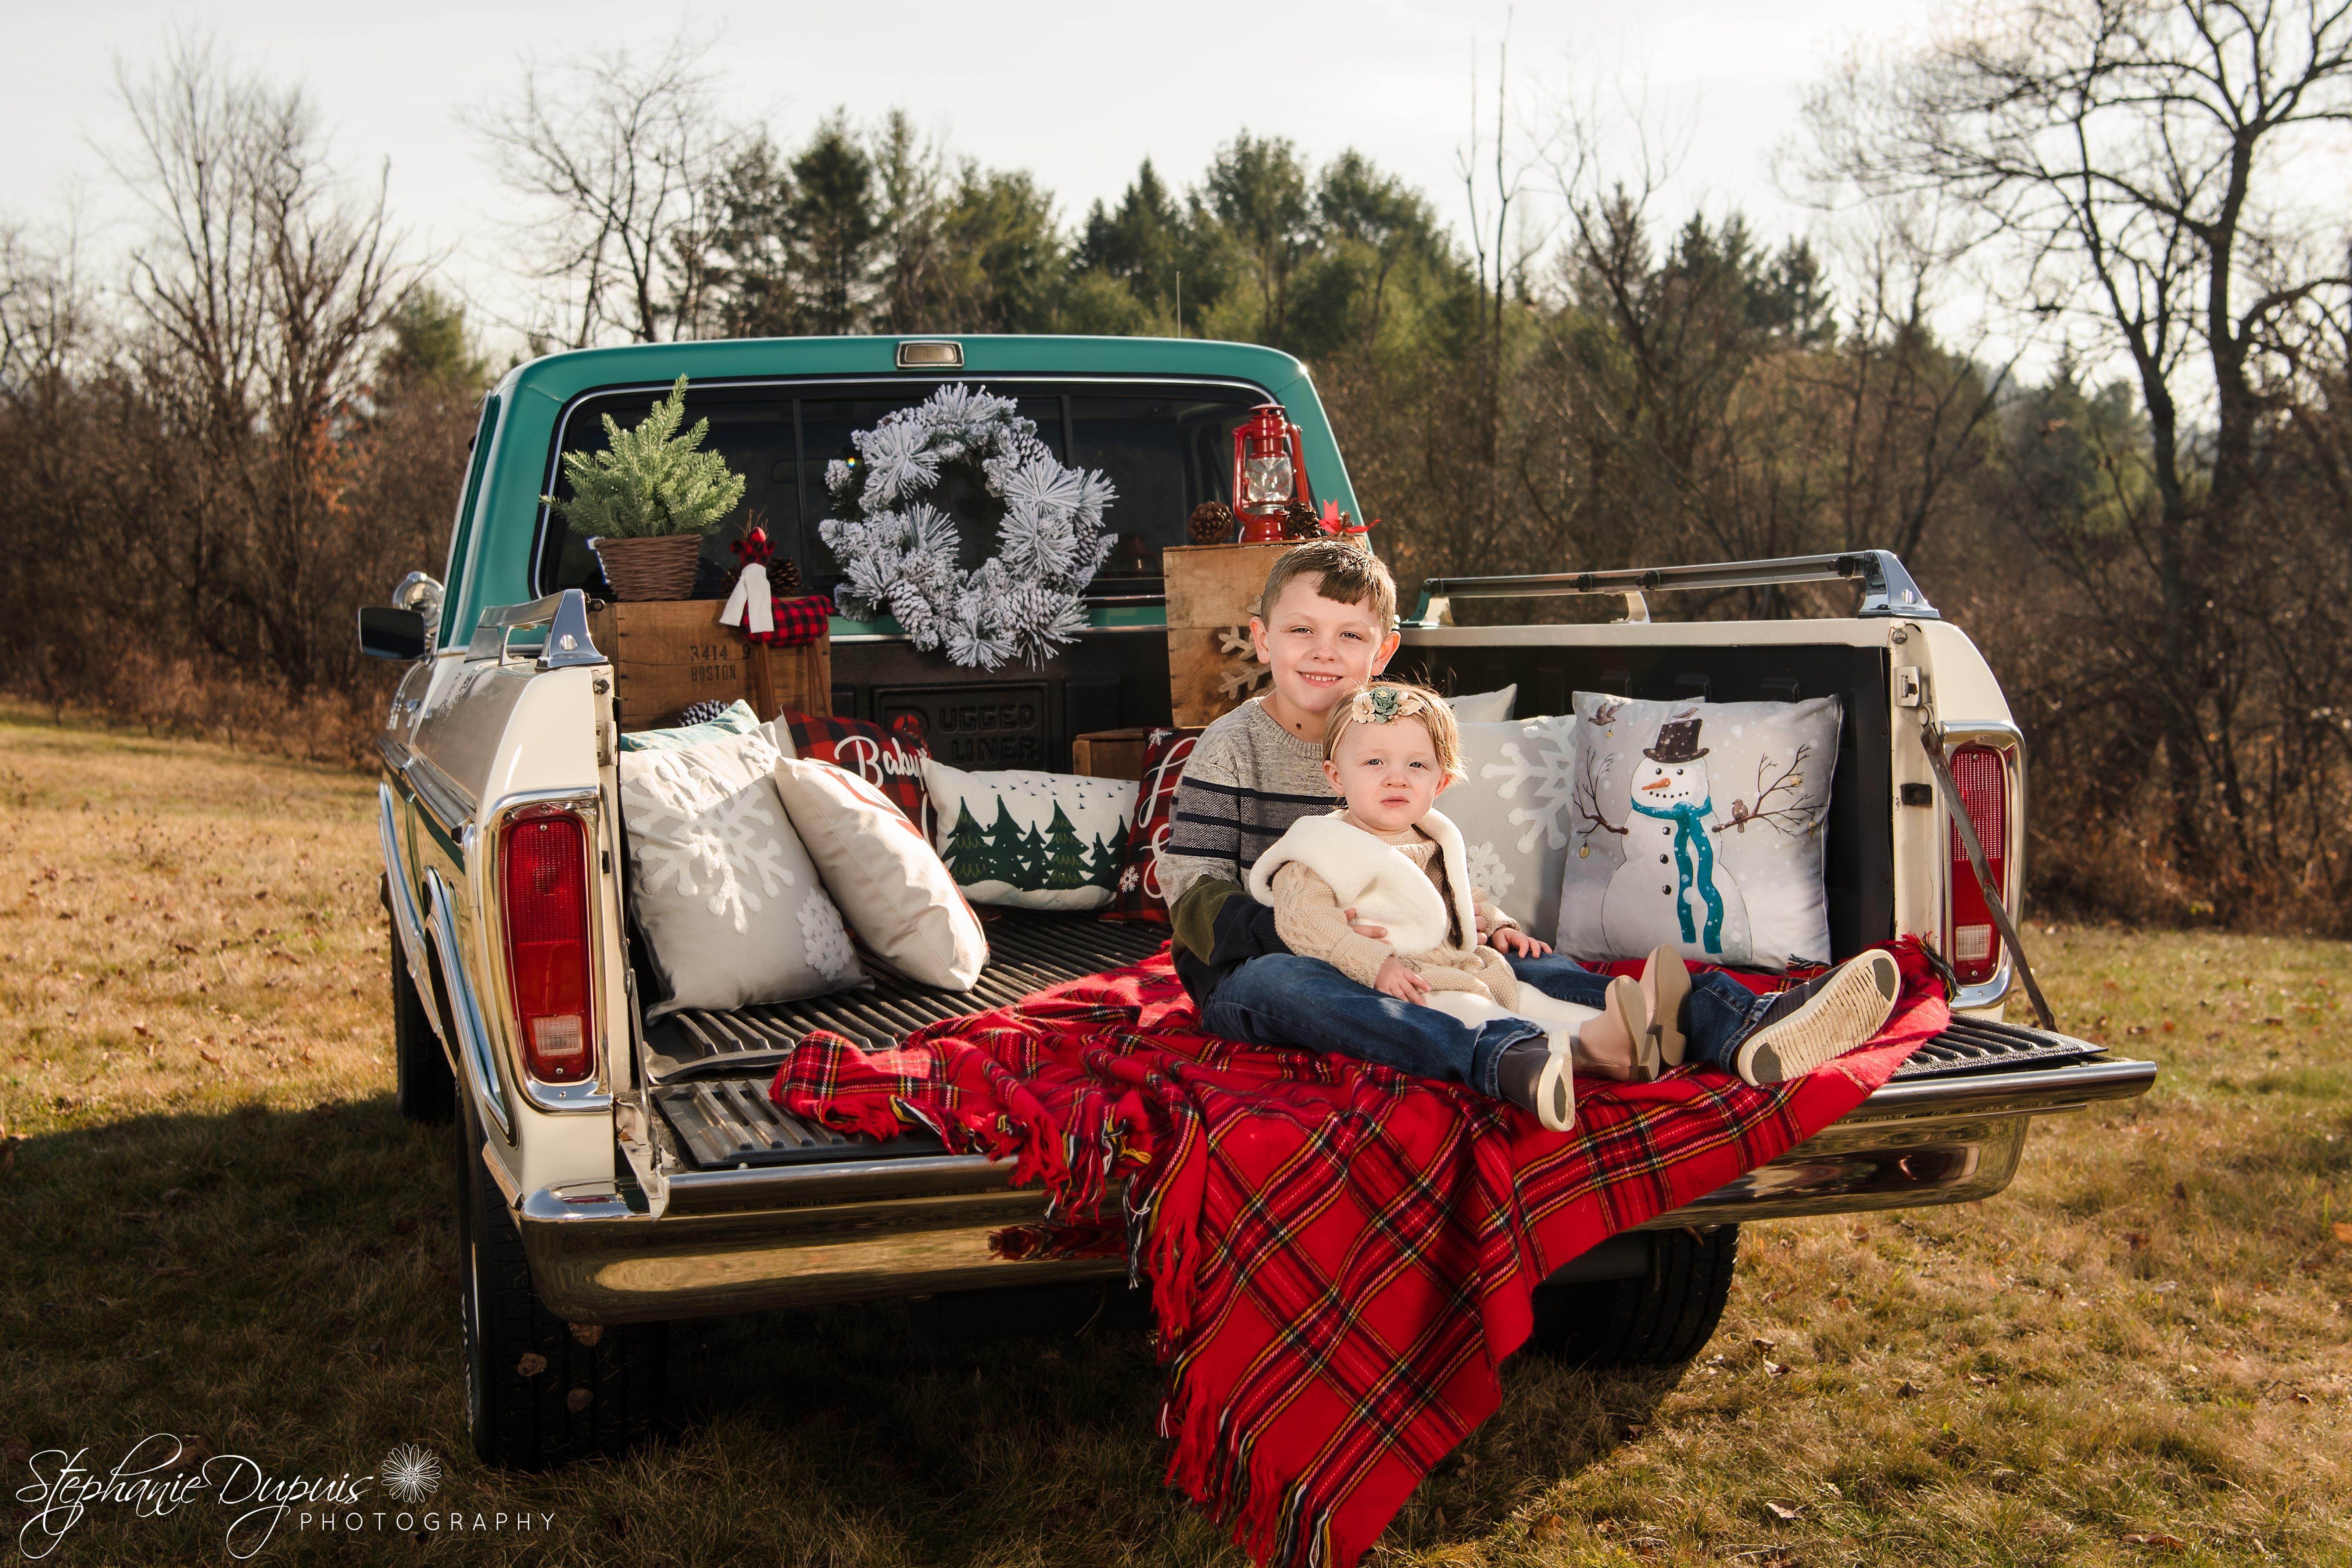 85S3135 Edit - Portfolio: Winter Truck Minis Session